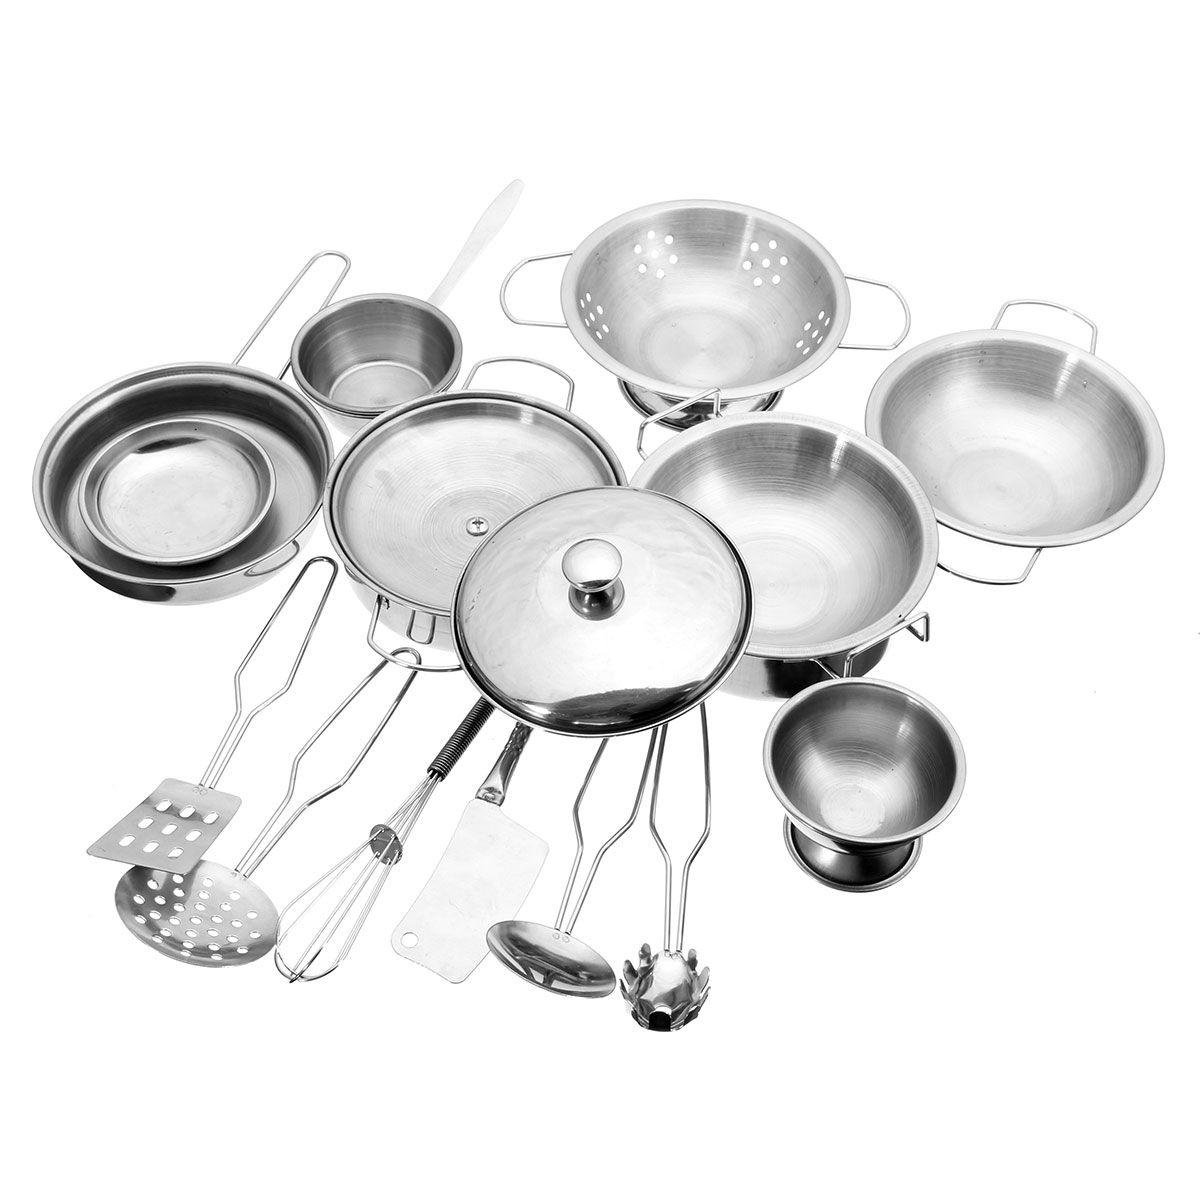 16 pcs Cuisine En Acier Inoxydable Ustensiles De Cuisine Pots Casseroles Alimentaire Cadeau Miniature Cuisine Cuire Outils Simulation Jouer Jouets Maison